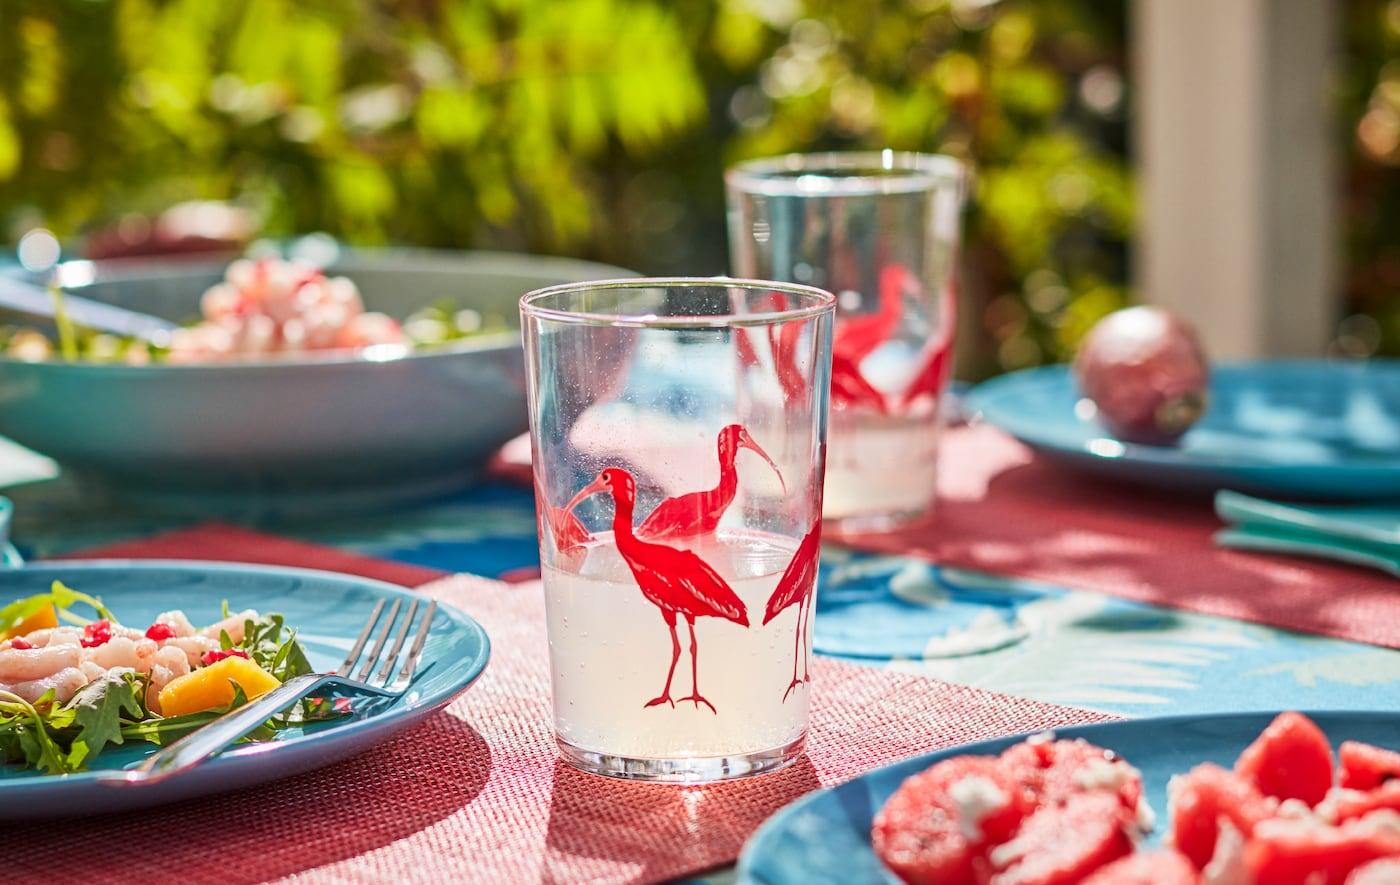 Zonovergoten tafel buiten, gedekt met servies en glaswerk in opvallende, zomerse kleuren en patronen. Borden met lichte gerechten.